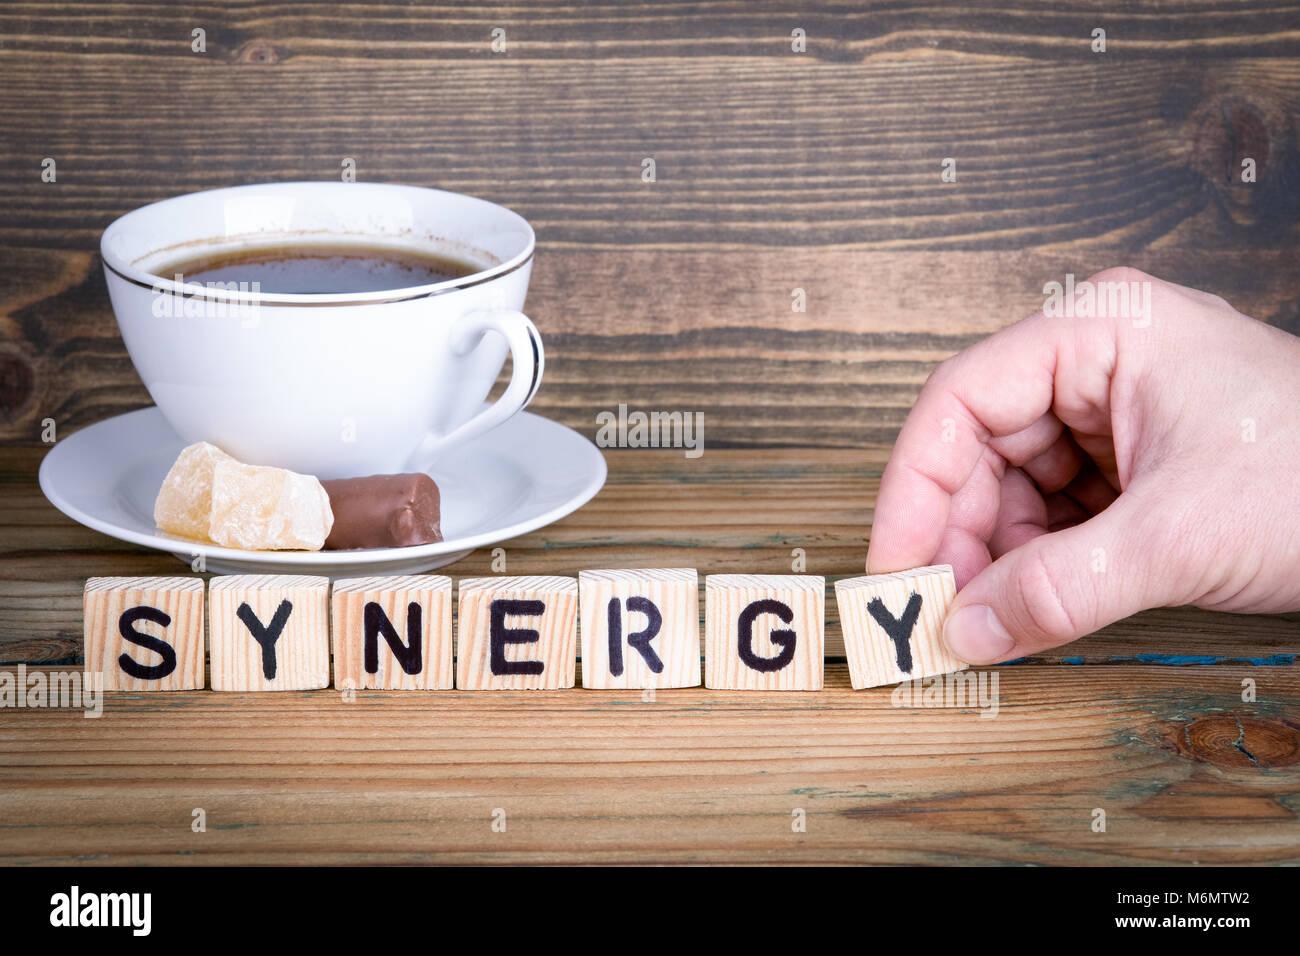 La synergie. Lettres en bois sur le bureau d'information et de la communication, bureau arrière-plan Photo Stock